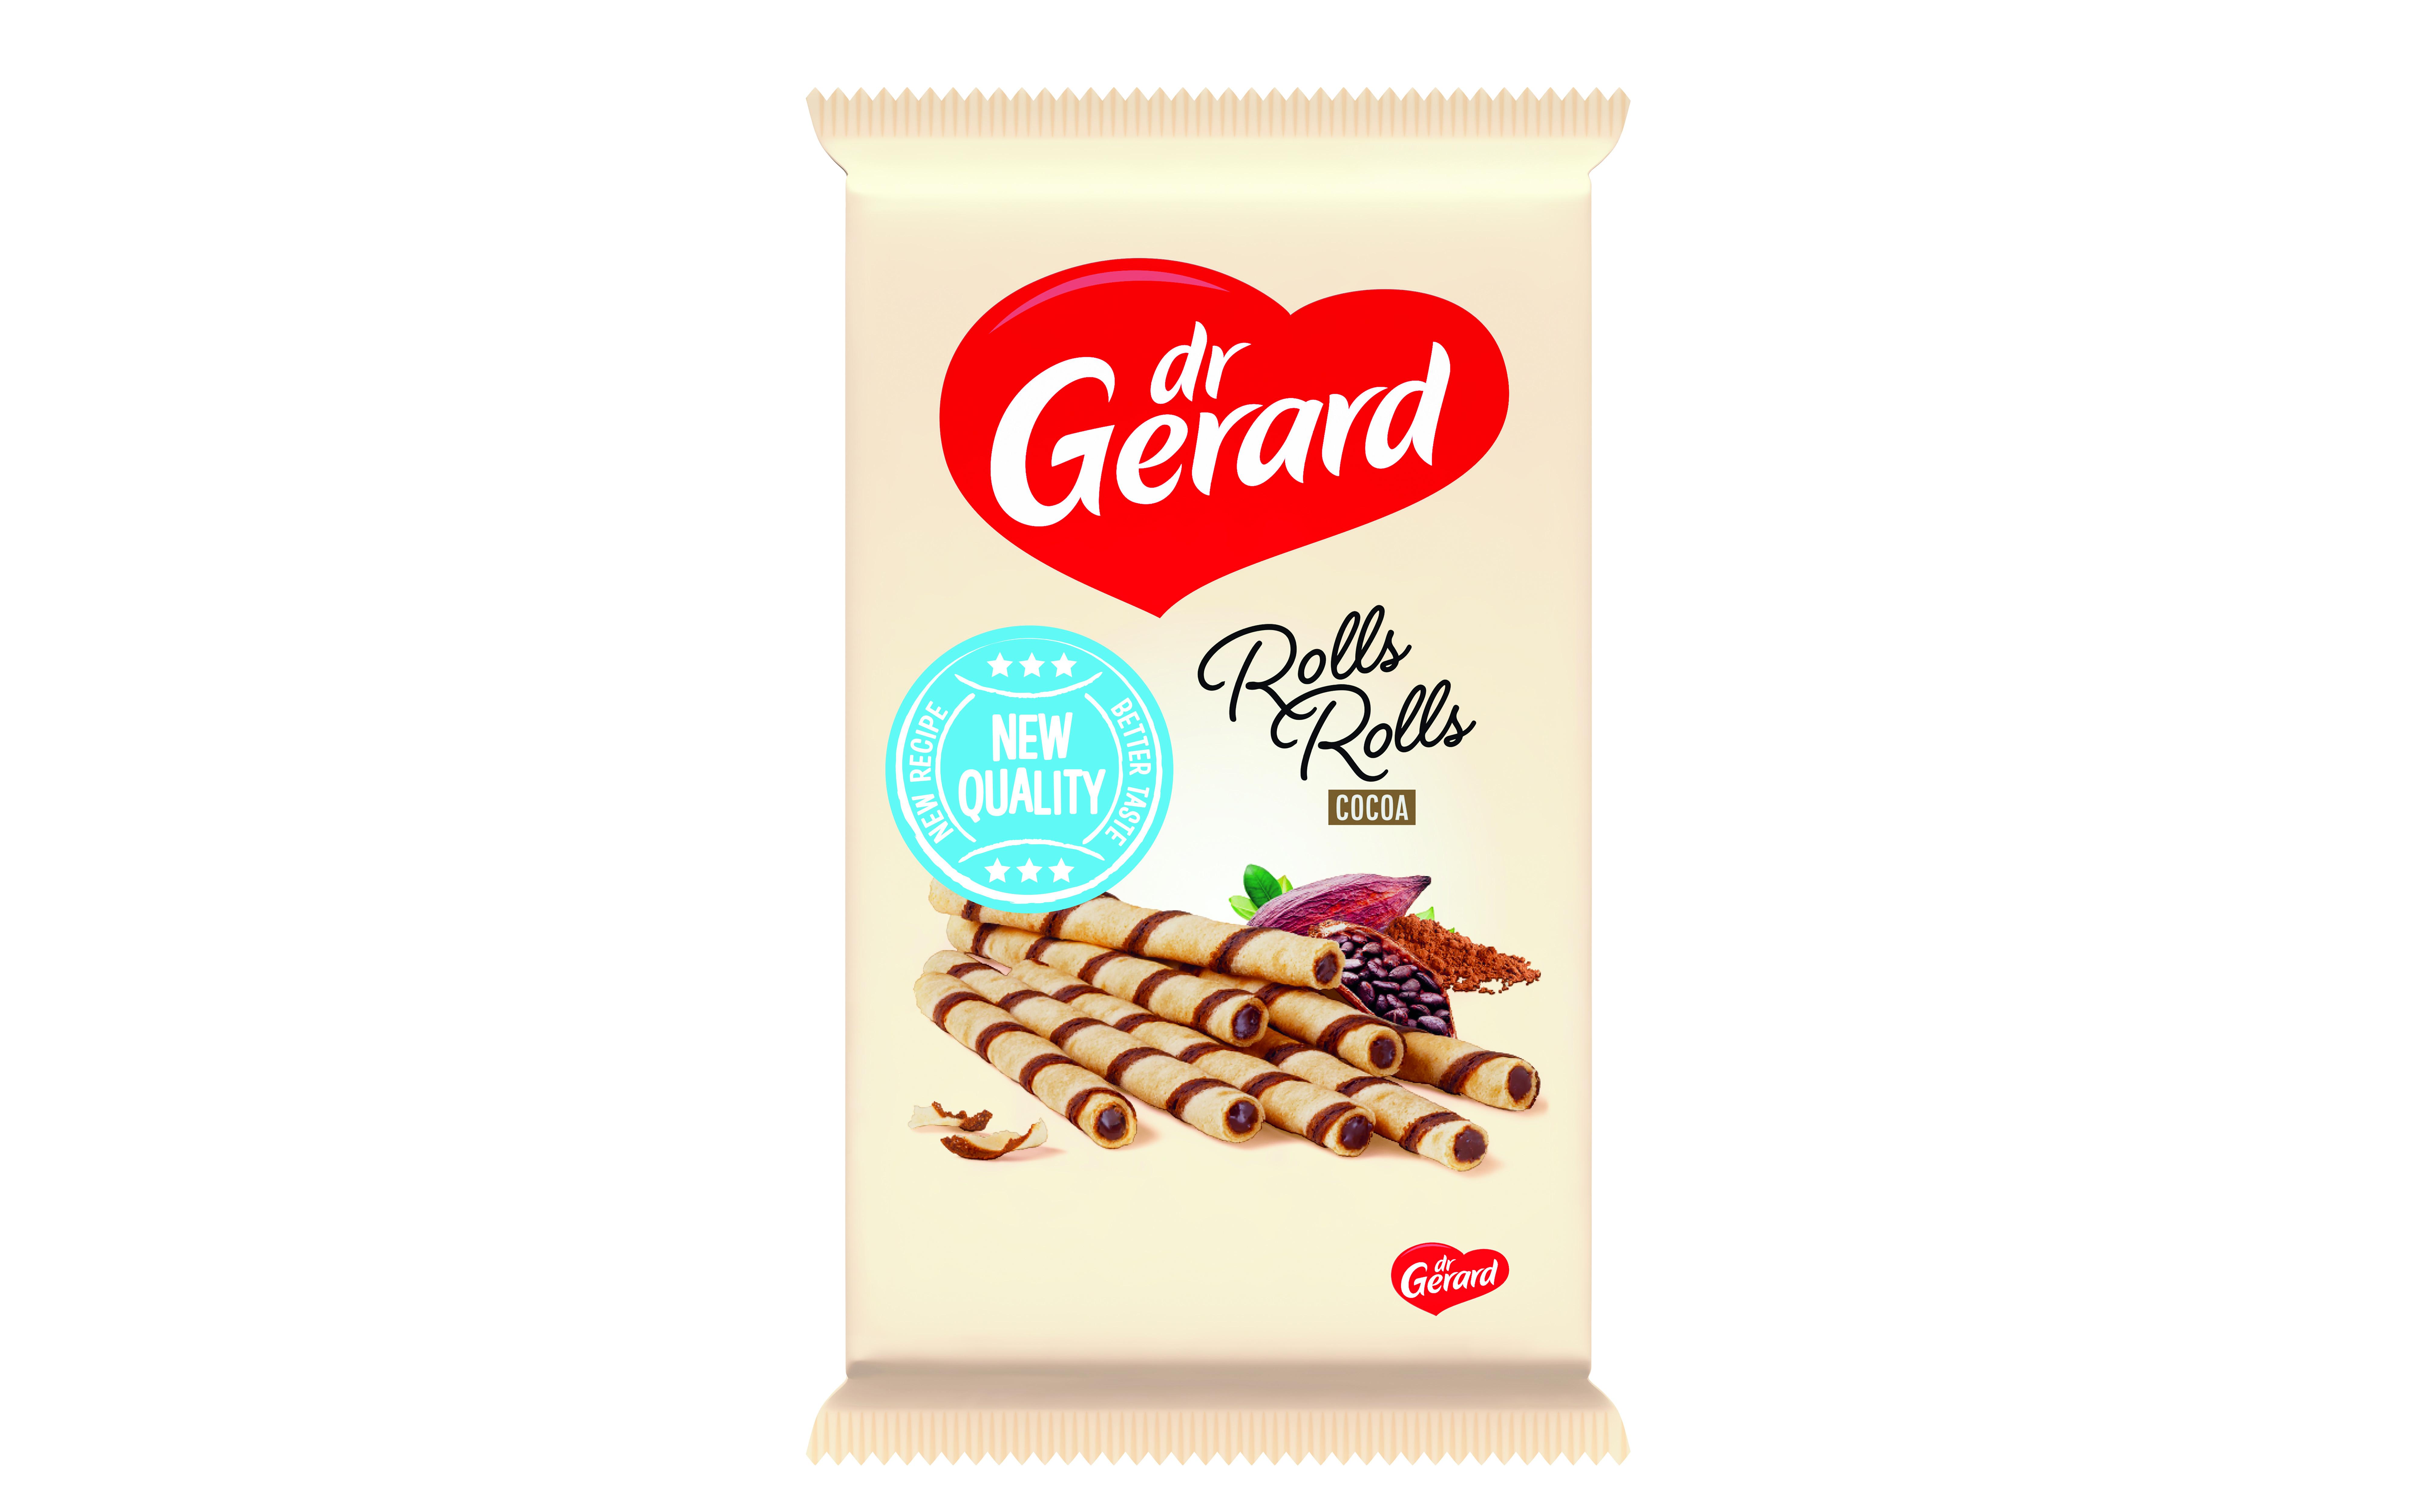 Вафли-трубочки шоколадные с начинкой из какао Dr Gerard